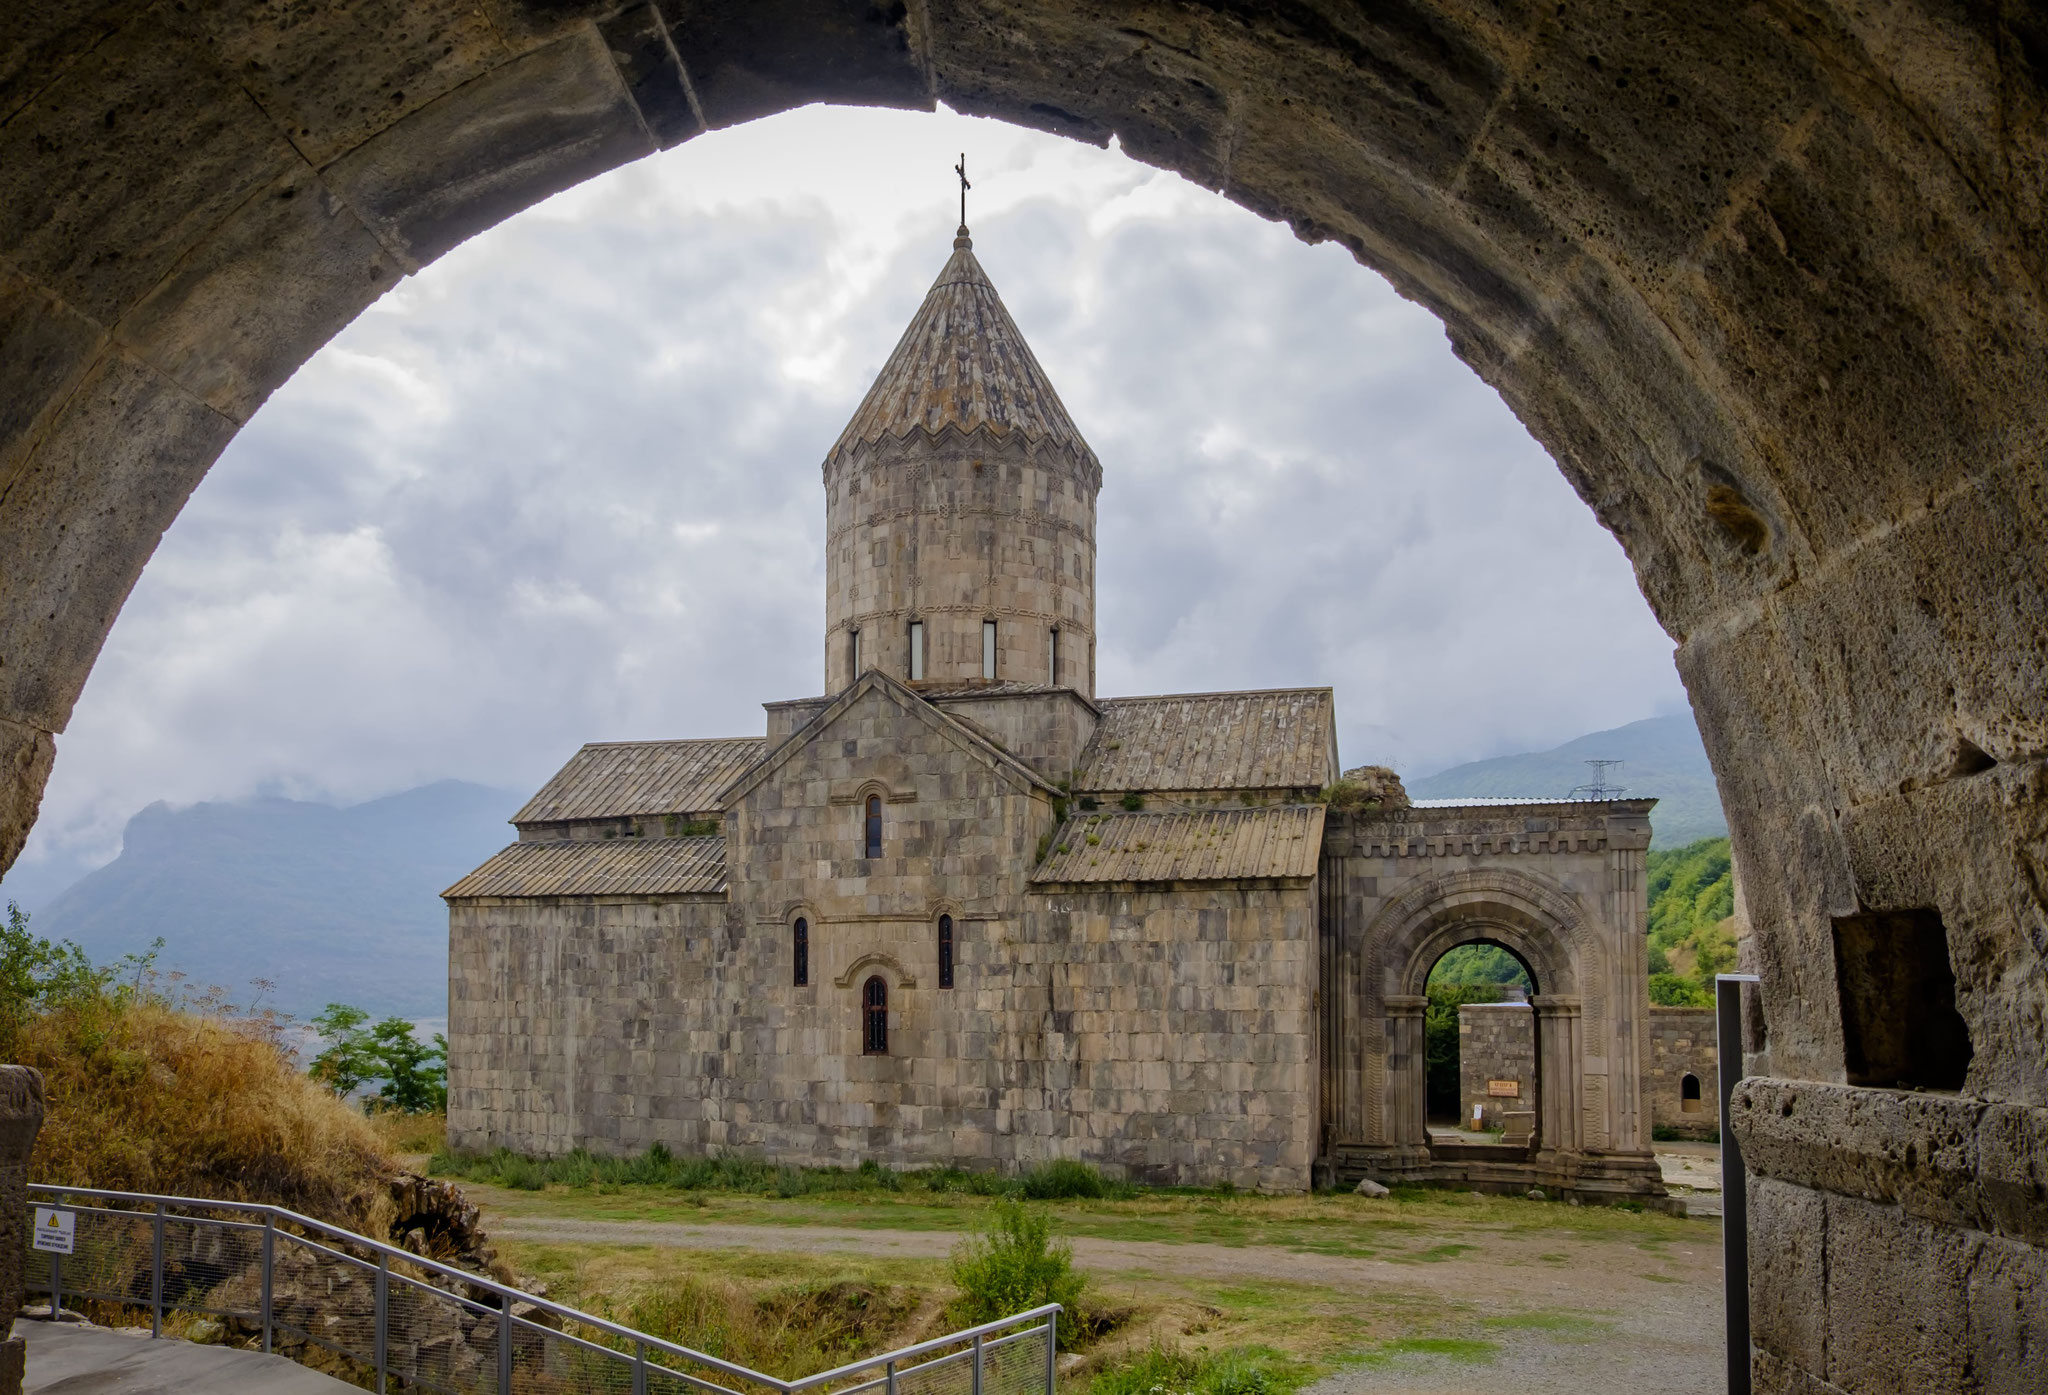 ... le monastère de Tatev (Xè siècle) est considéré comme ...